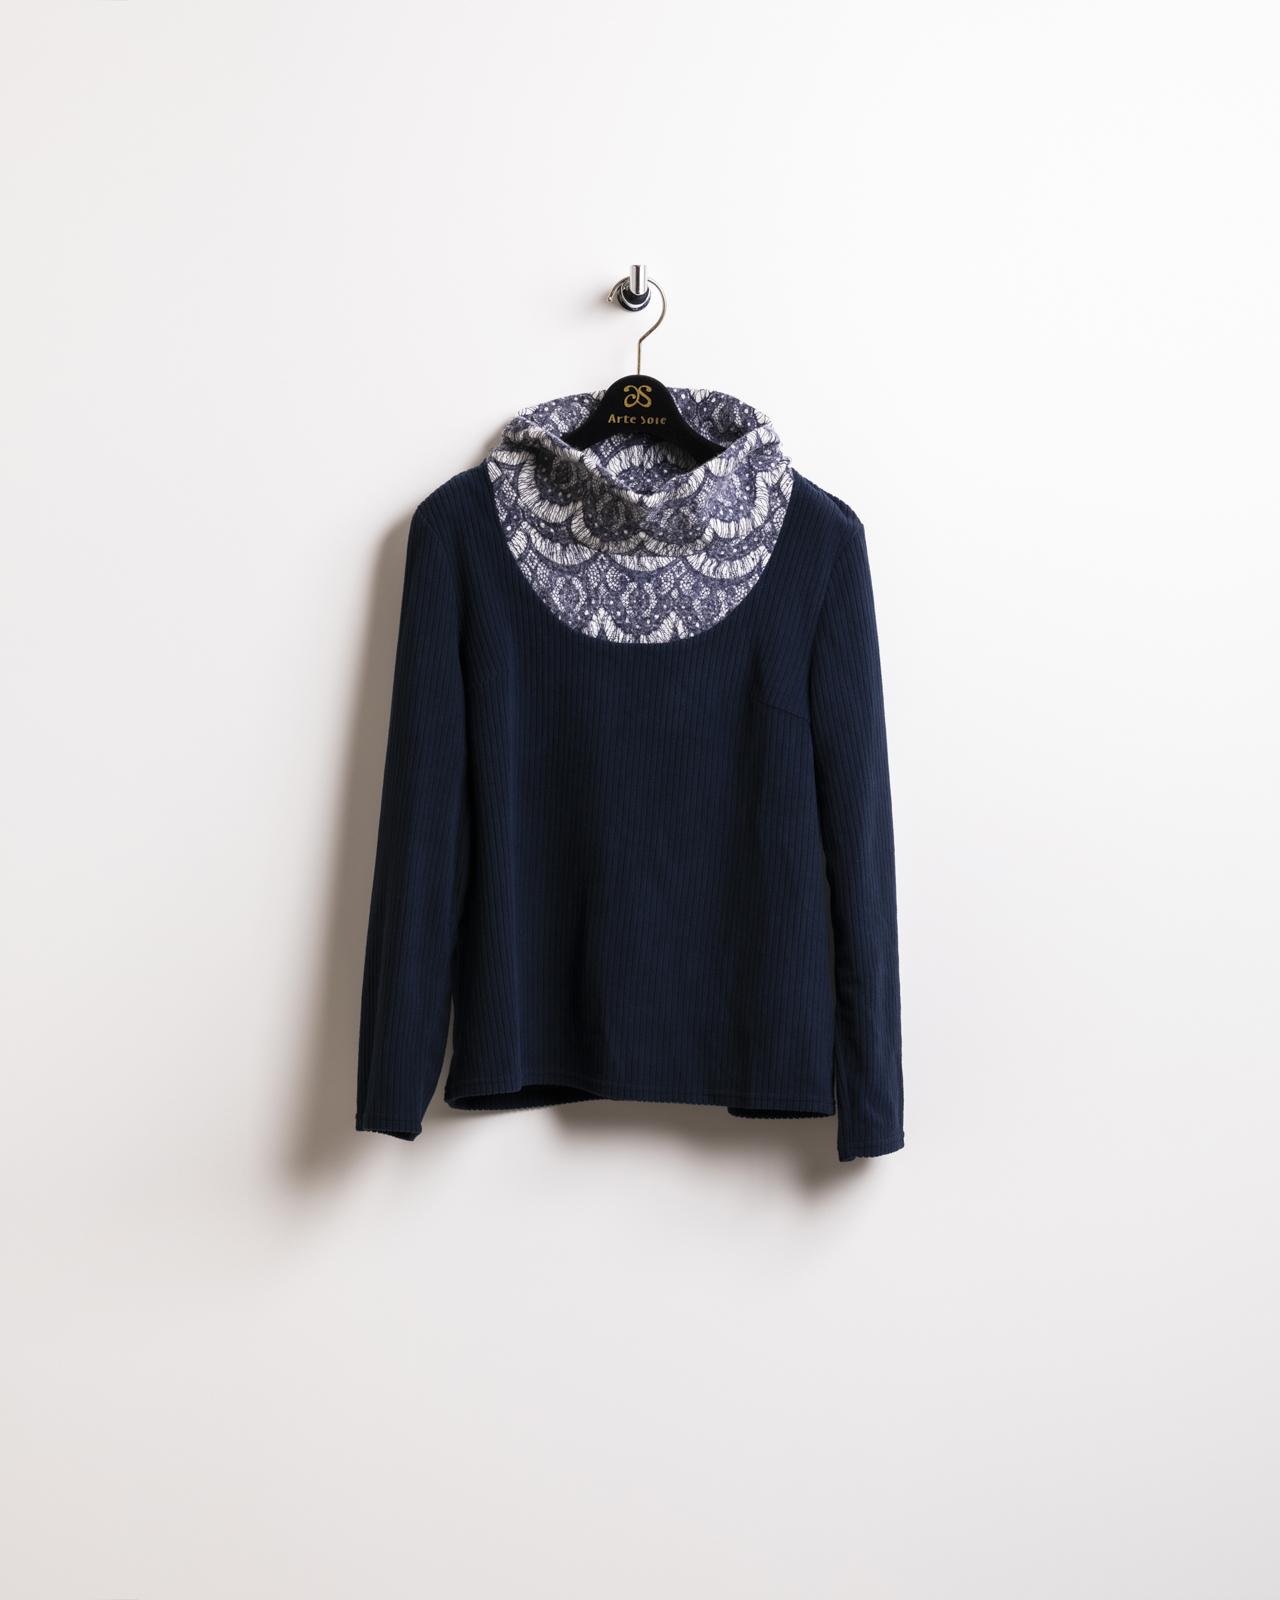 起毛レース衿の暖かプルオーバー